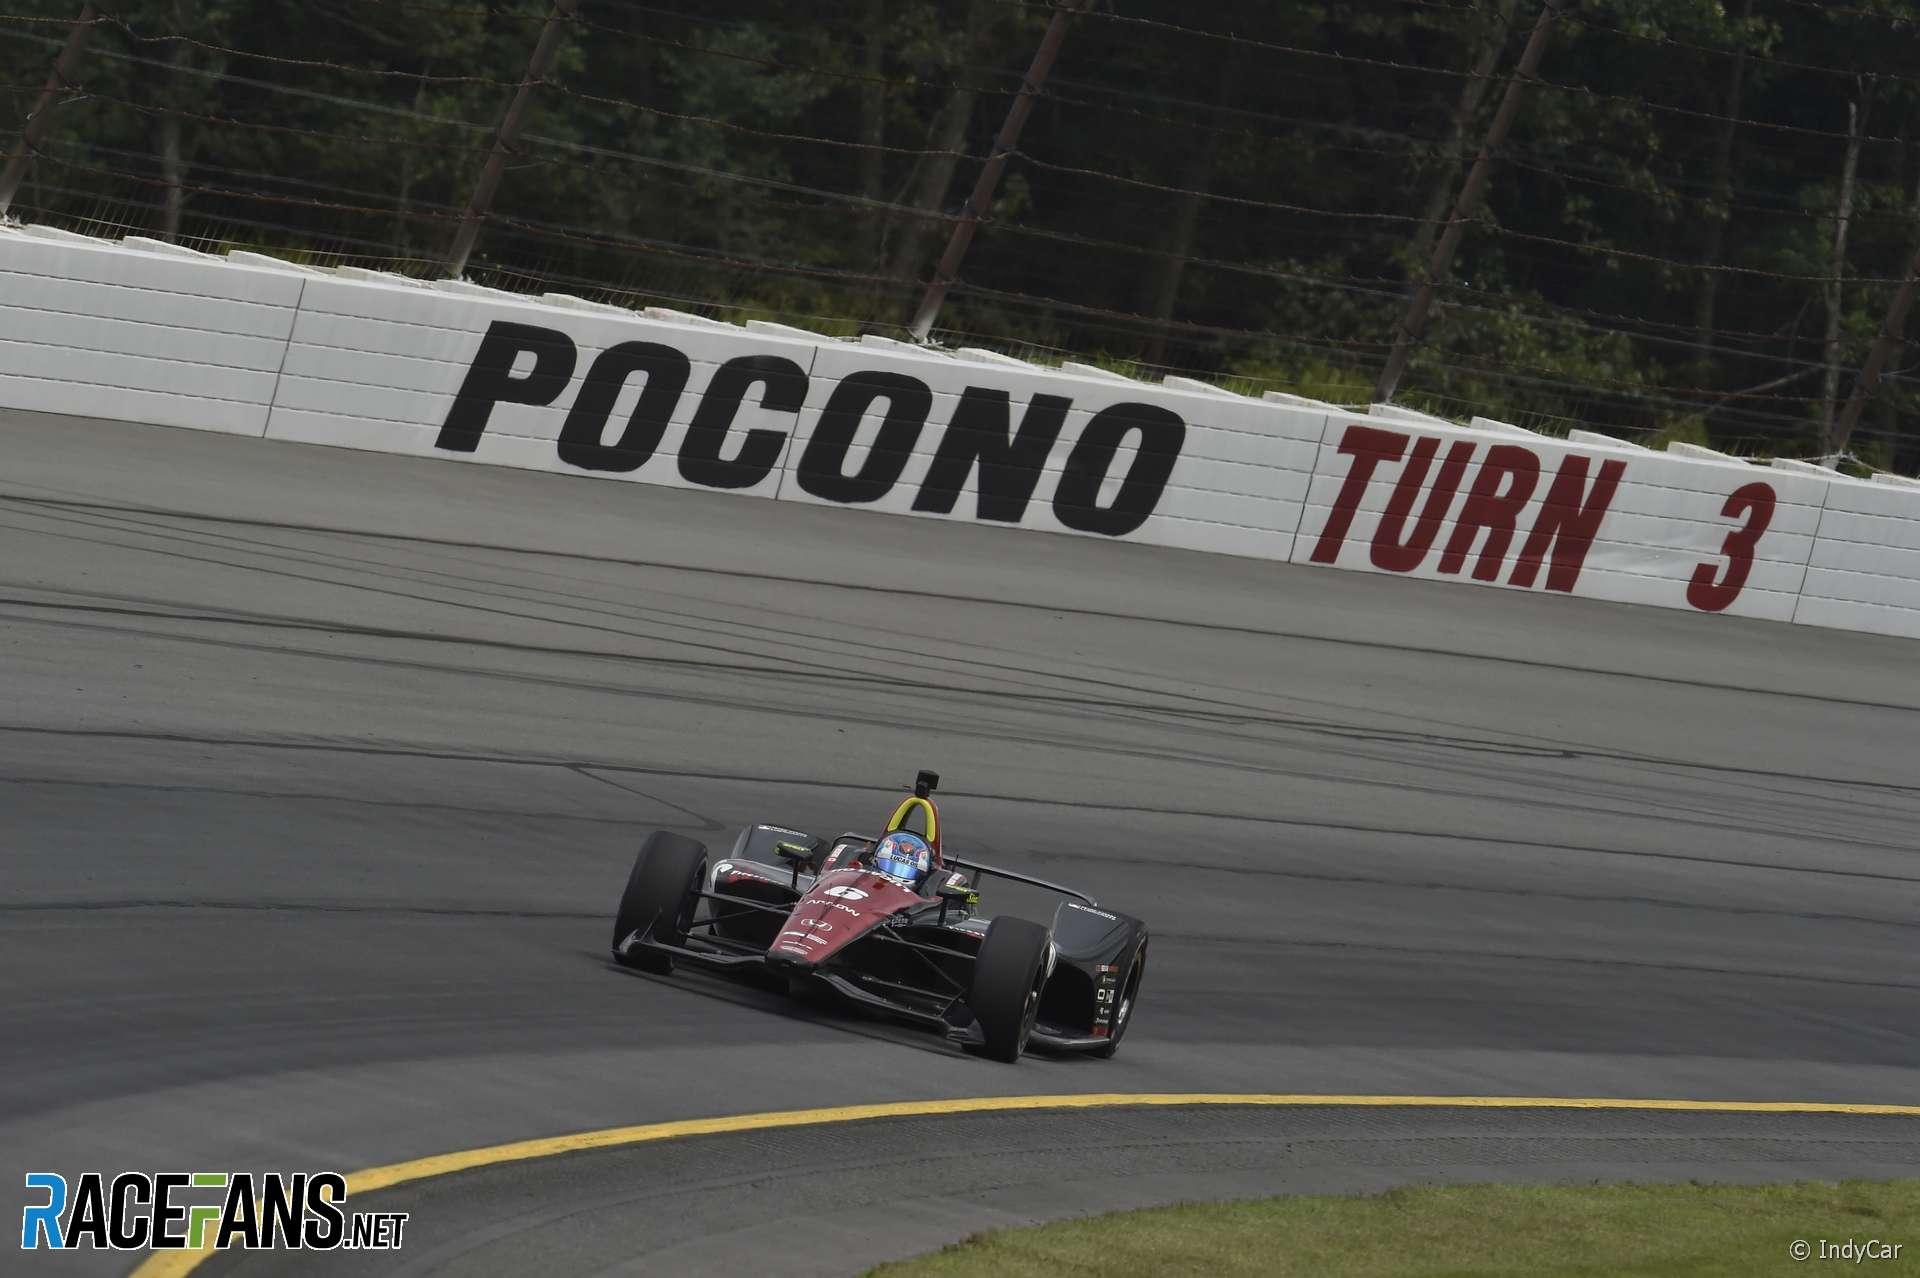 Robert Wickens, Schmidt Peterson, IndyCar, Pocono, 2018